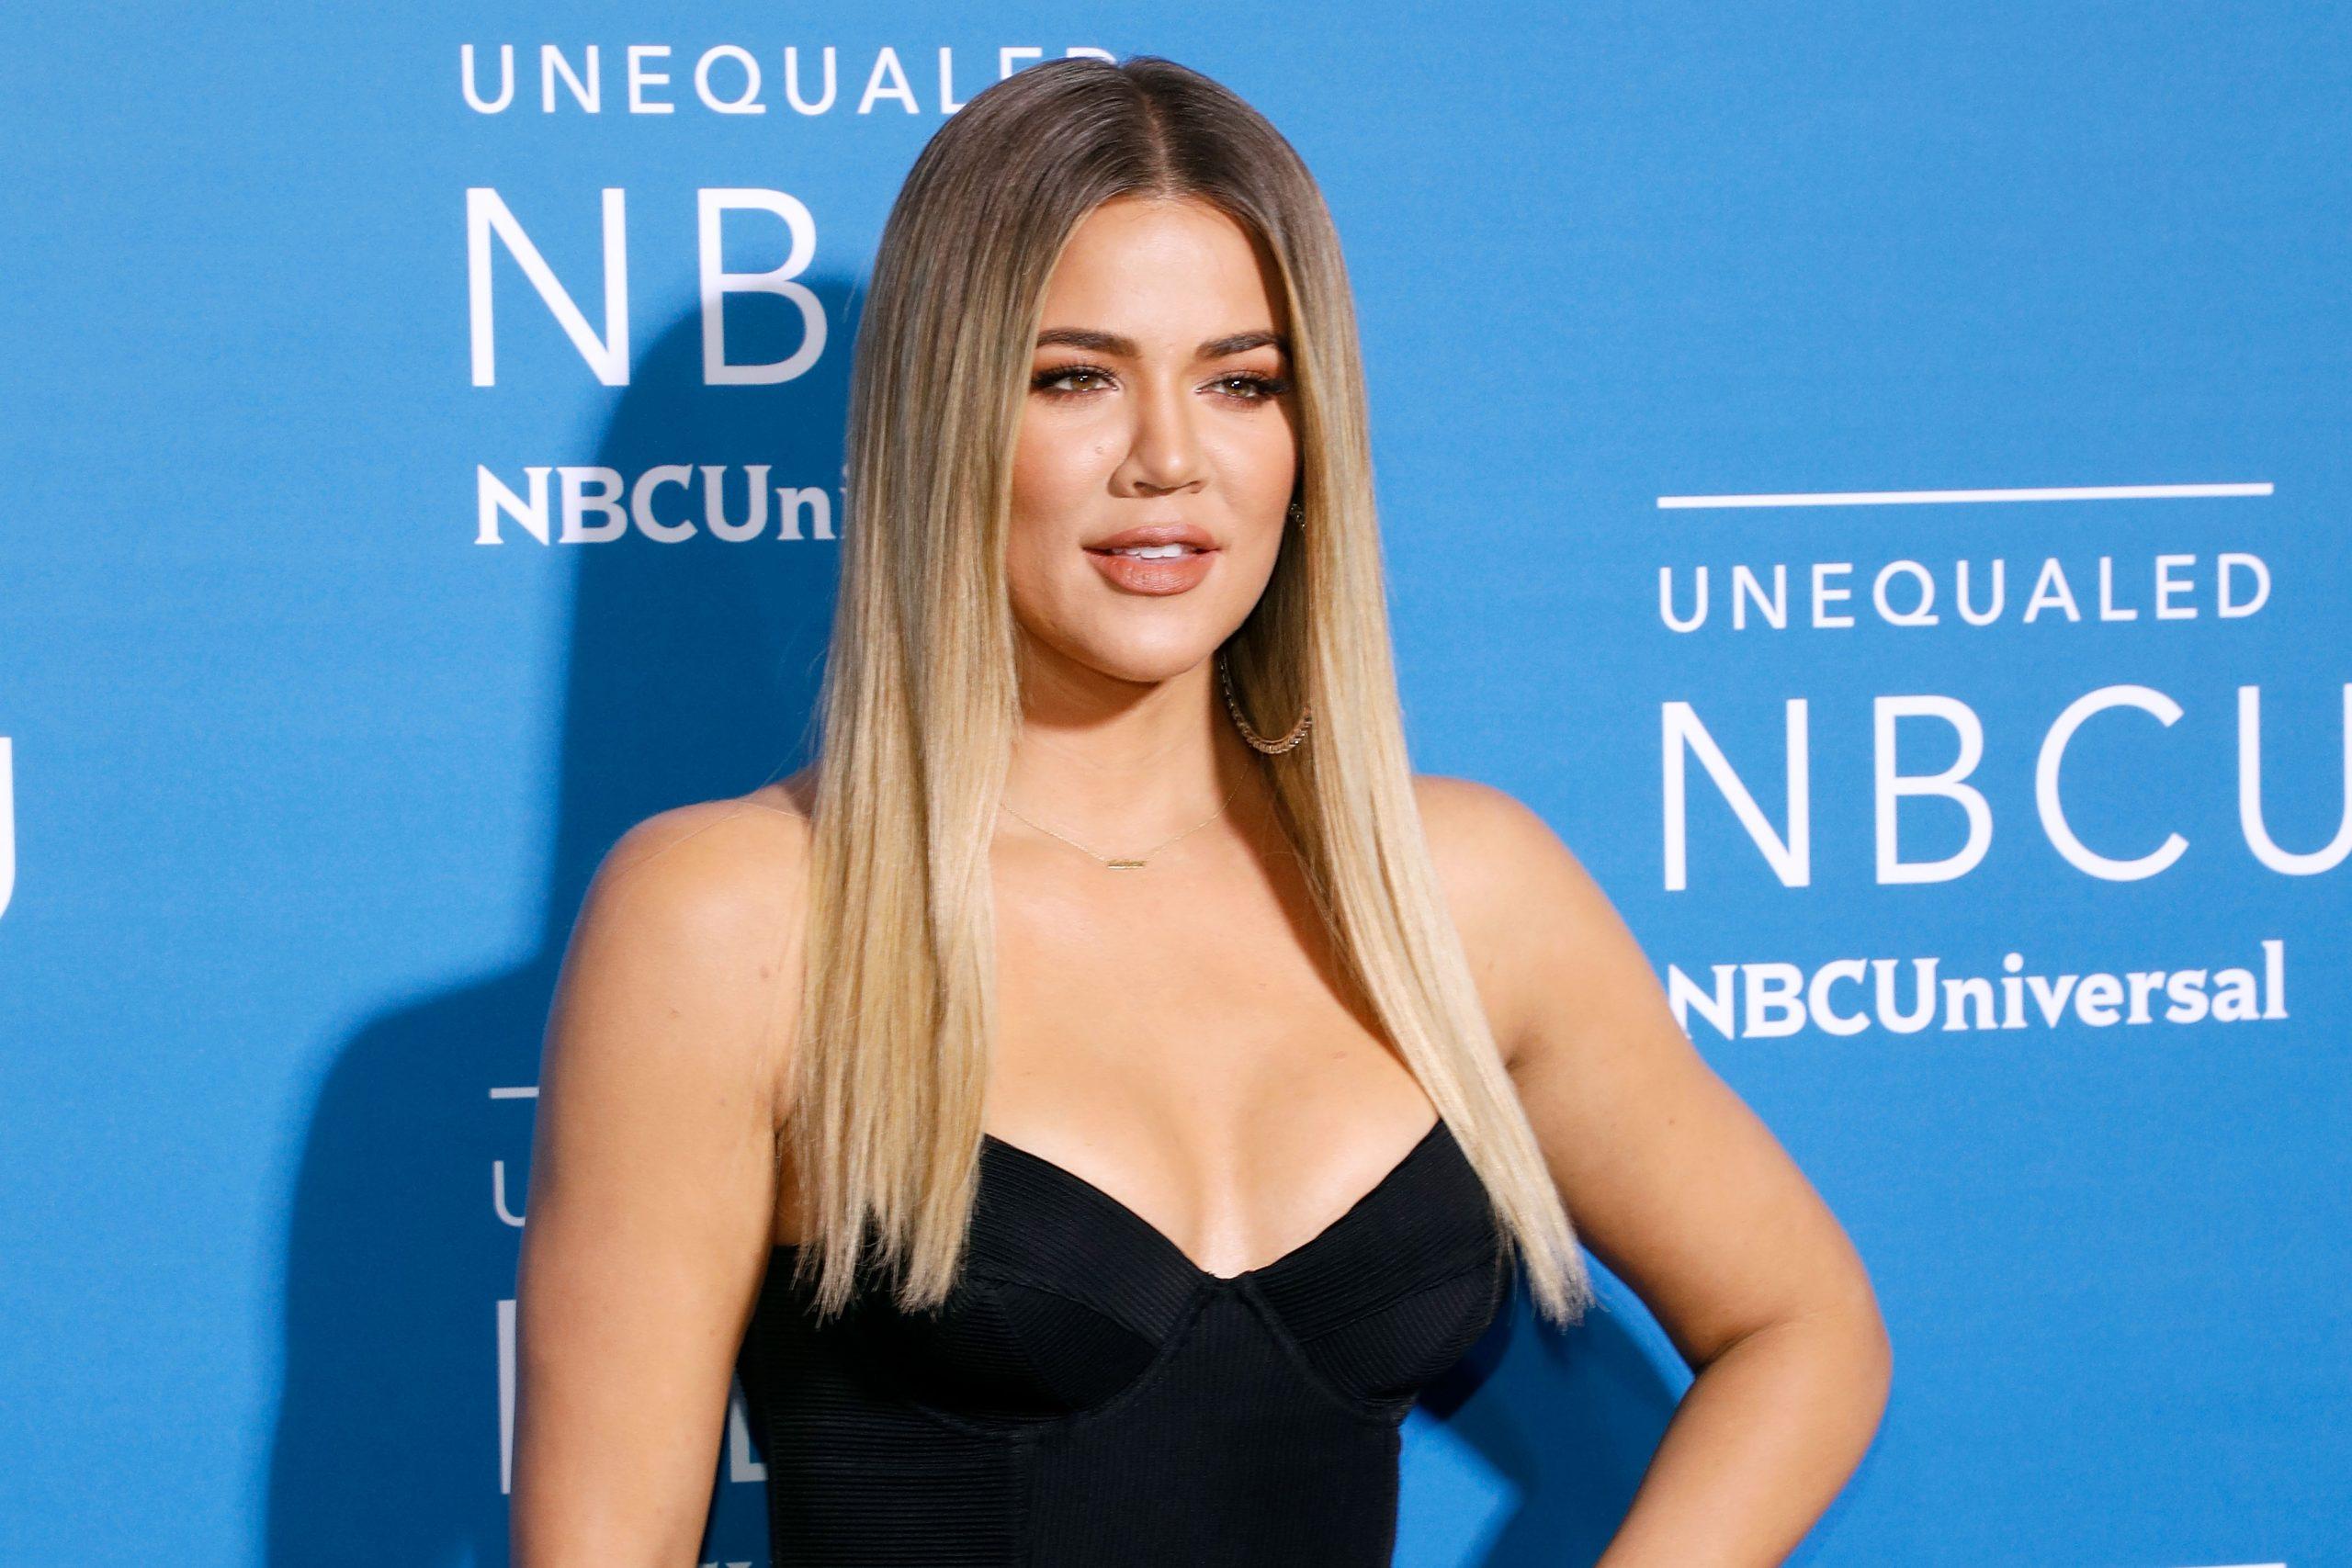 Designer Christian Cowan roasts Khloé Kardashian for selling dress he lent her